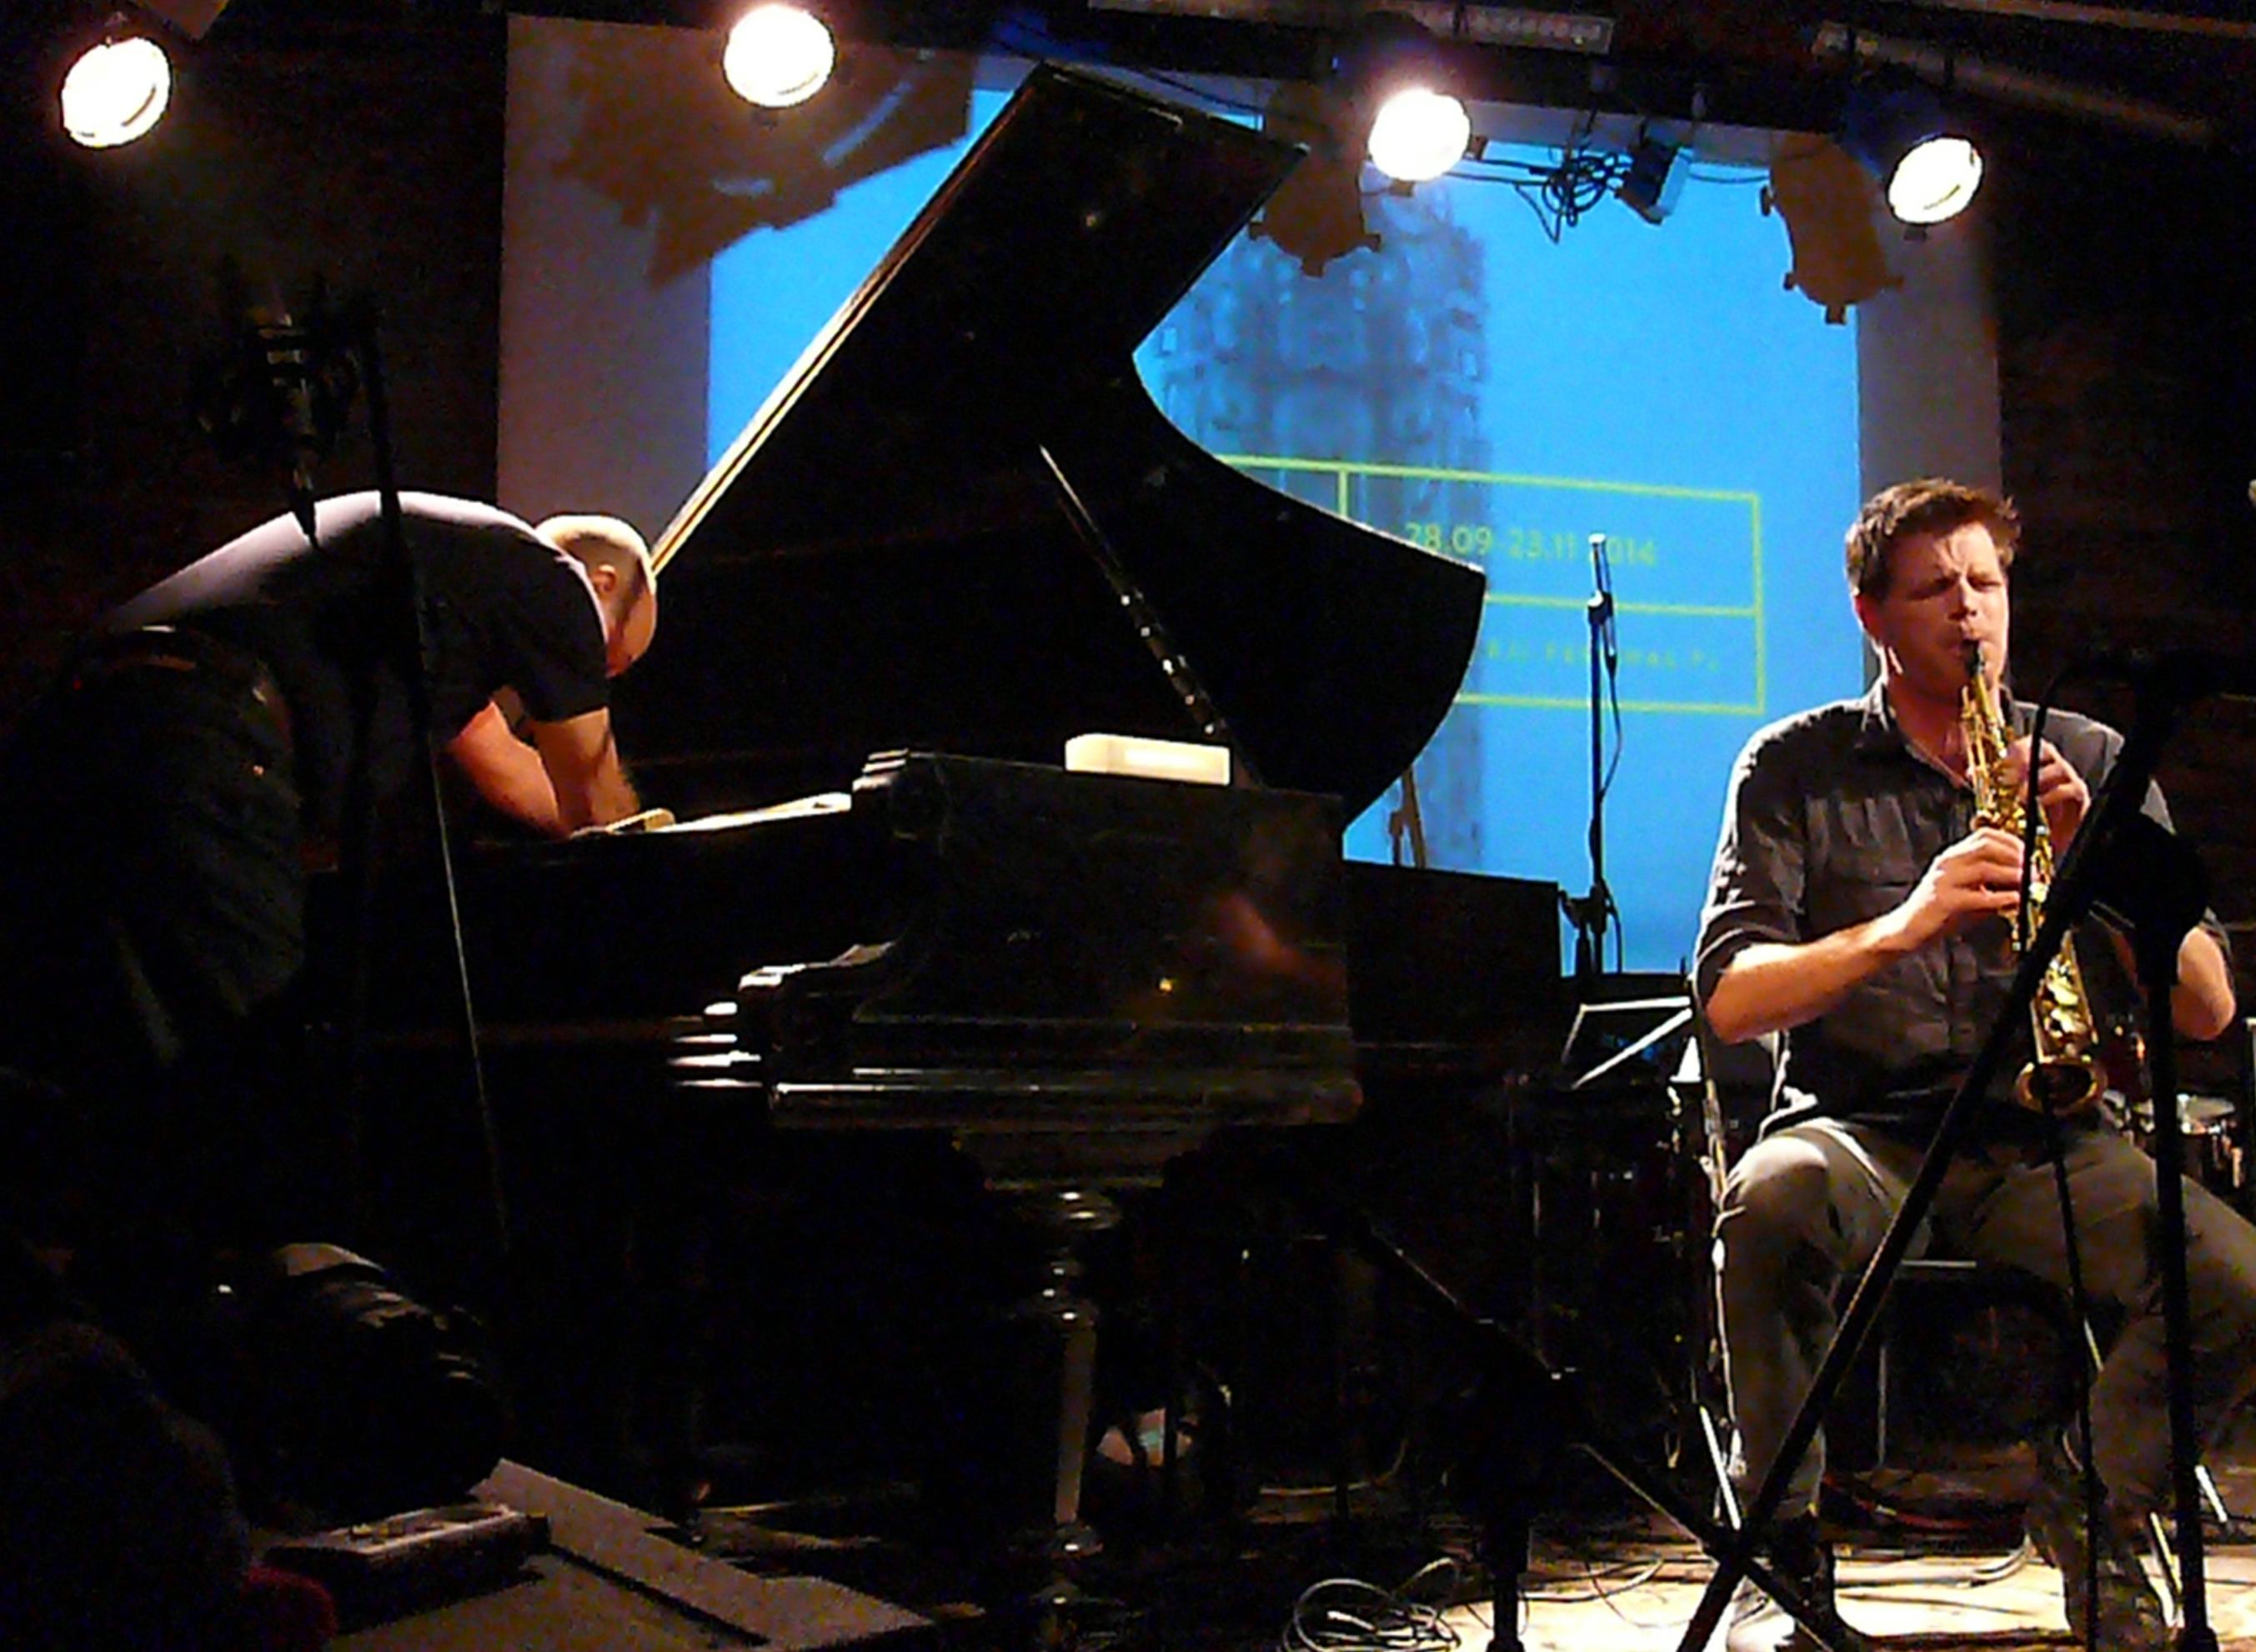 Agusti Fernandez and Torben Snekkestad at Alchemia, Krakow in November 2014